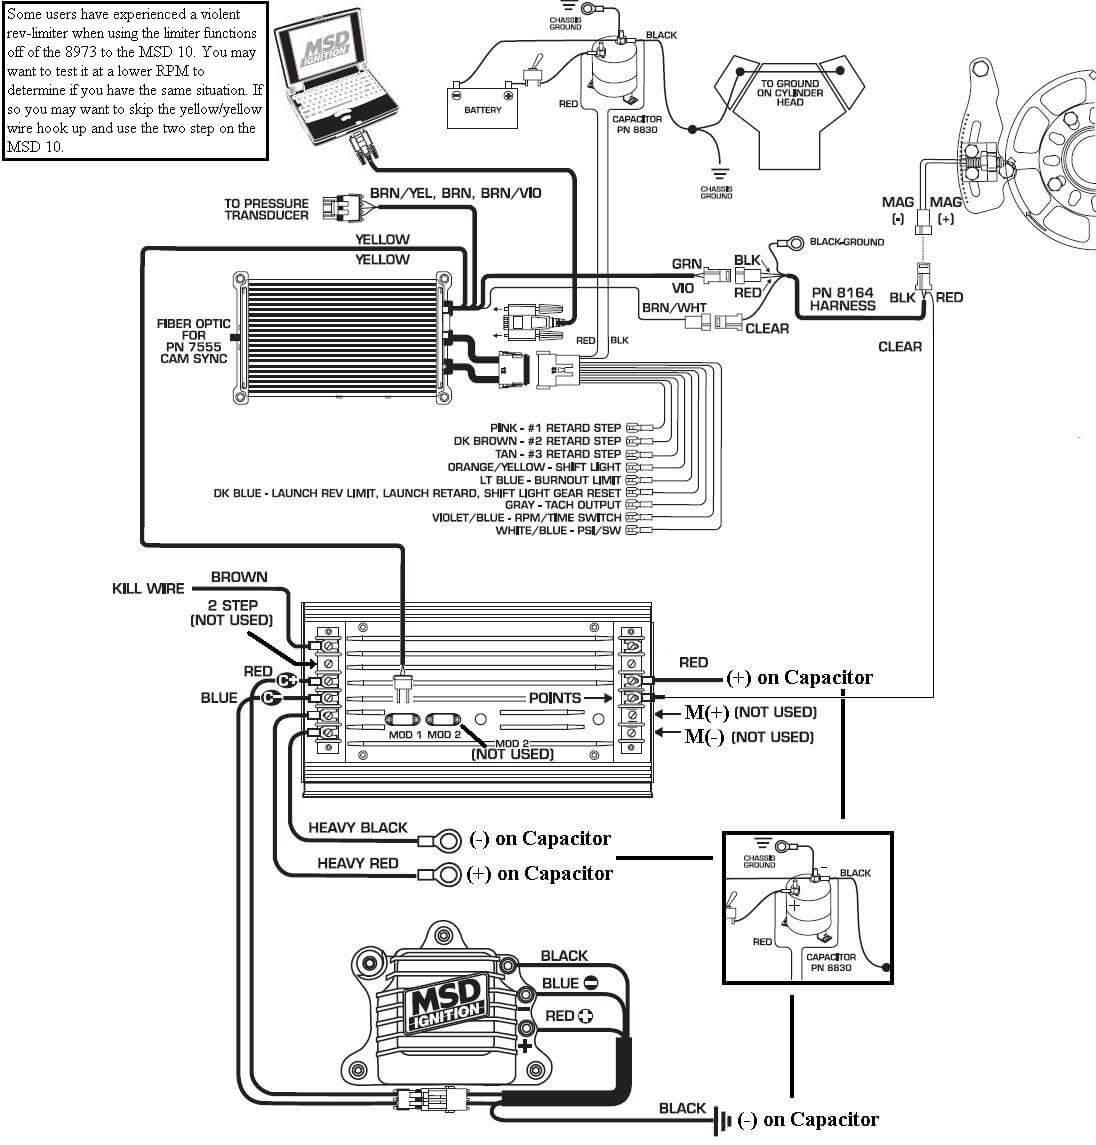 ford 460 msd 7al wiring diagram ye 4797  msd 8972 wiring diagram free diagram  ye 4797  msd 8972 wiring diagram free